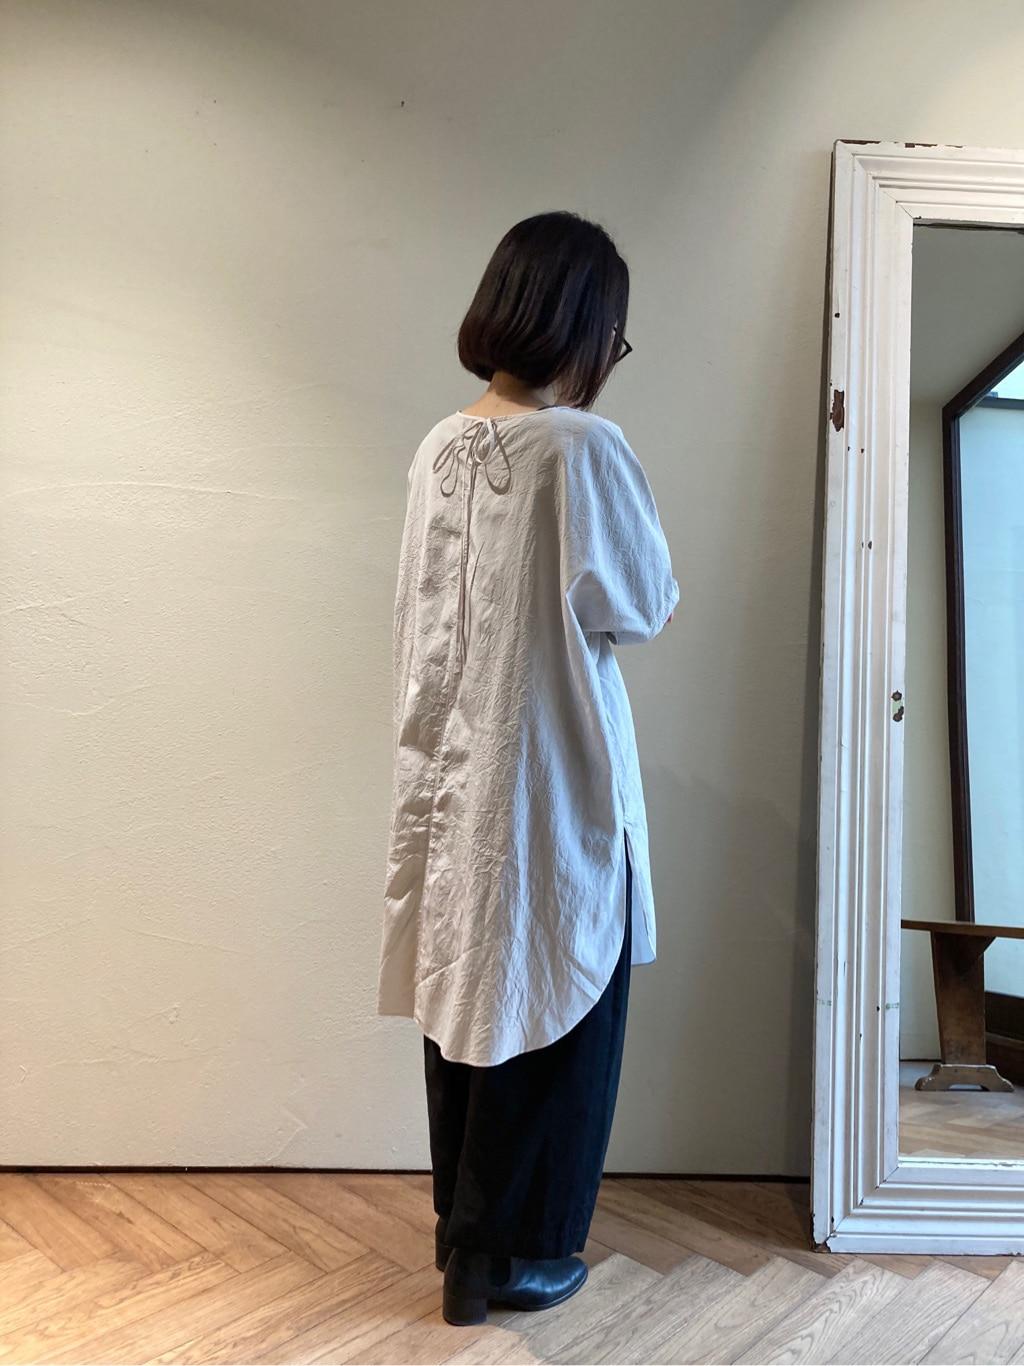 yuni 京都路面 身長:152cm 2021.02.16